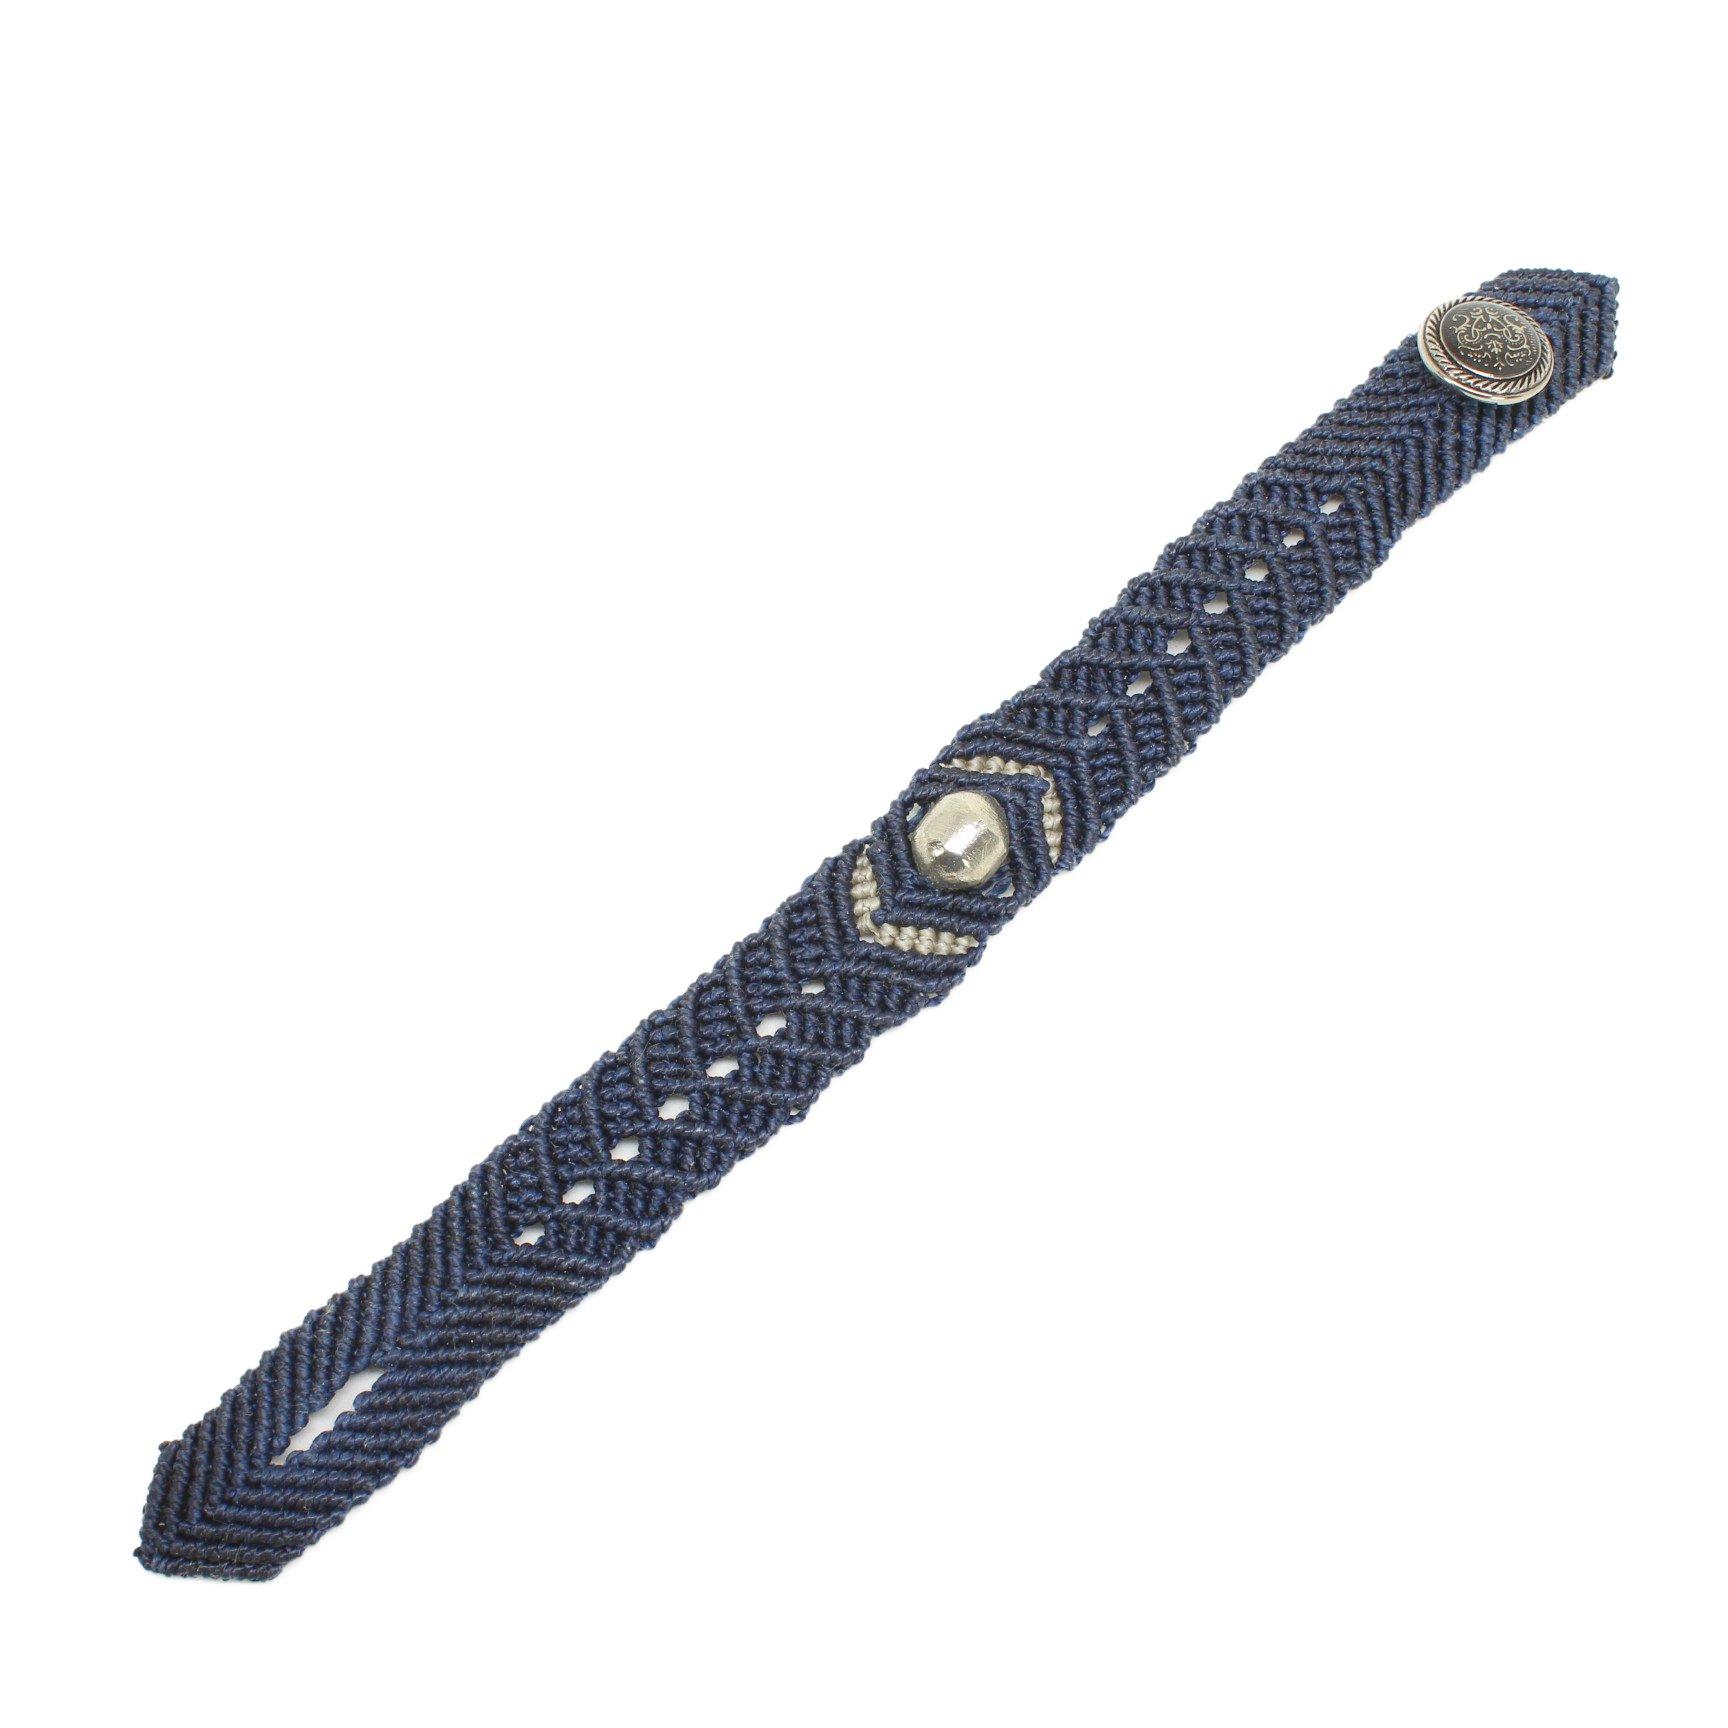 パラド(約12mmサイズ)・マクラメリストバンド(紺色)